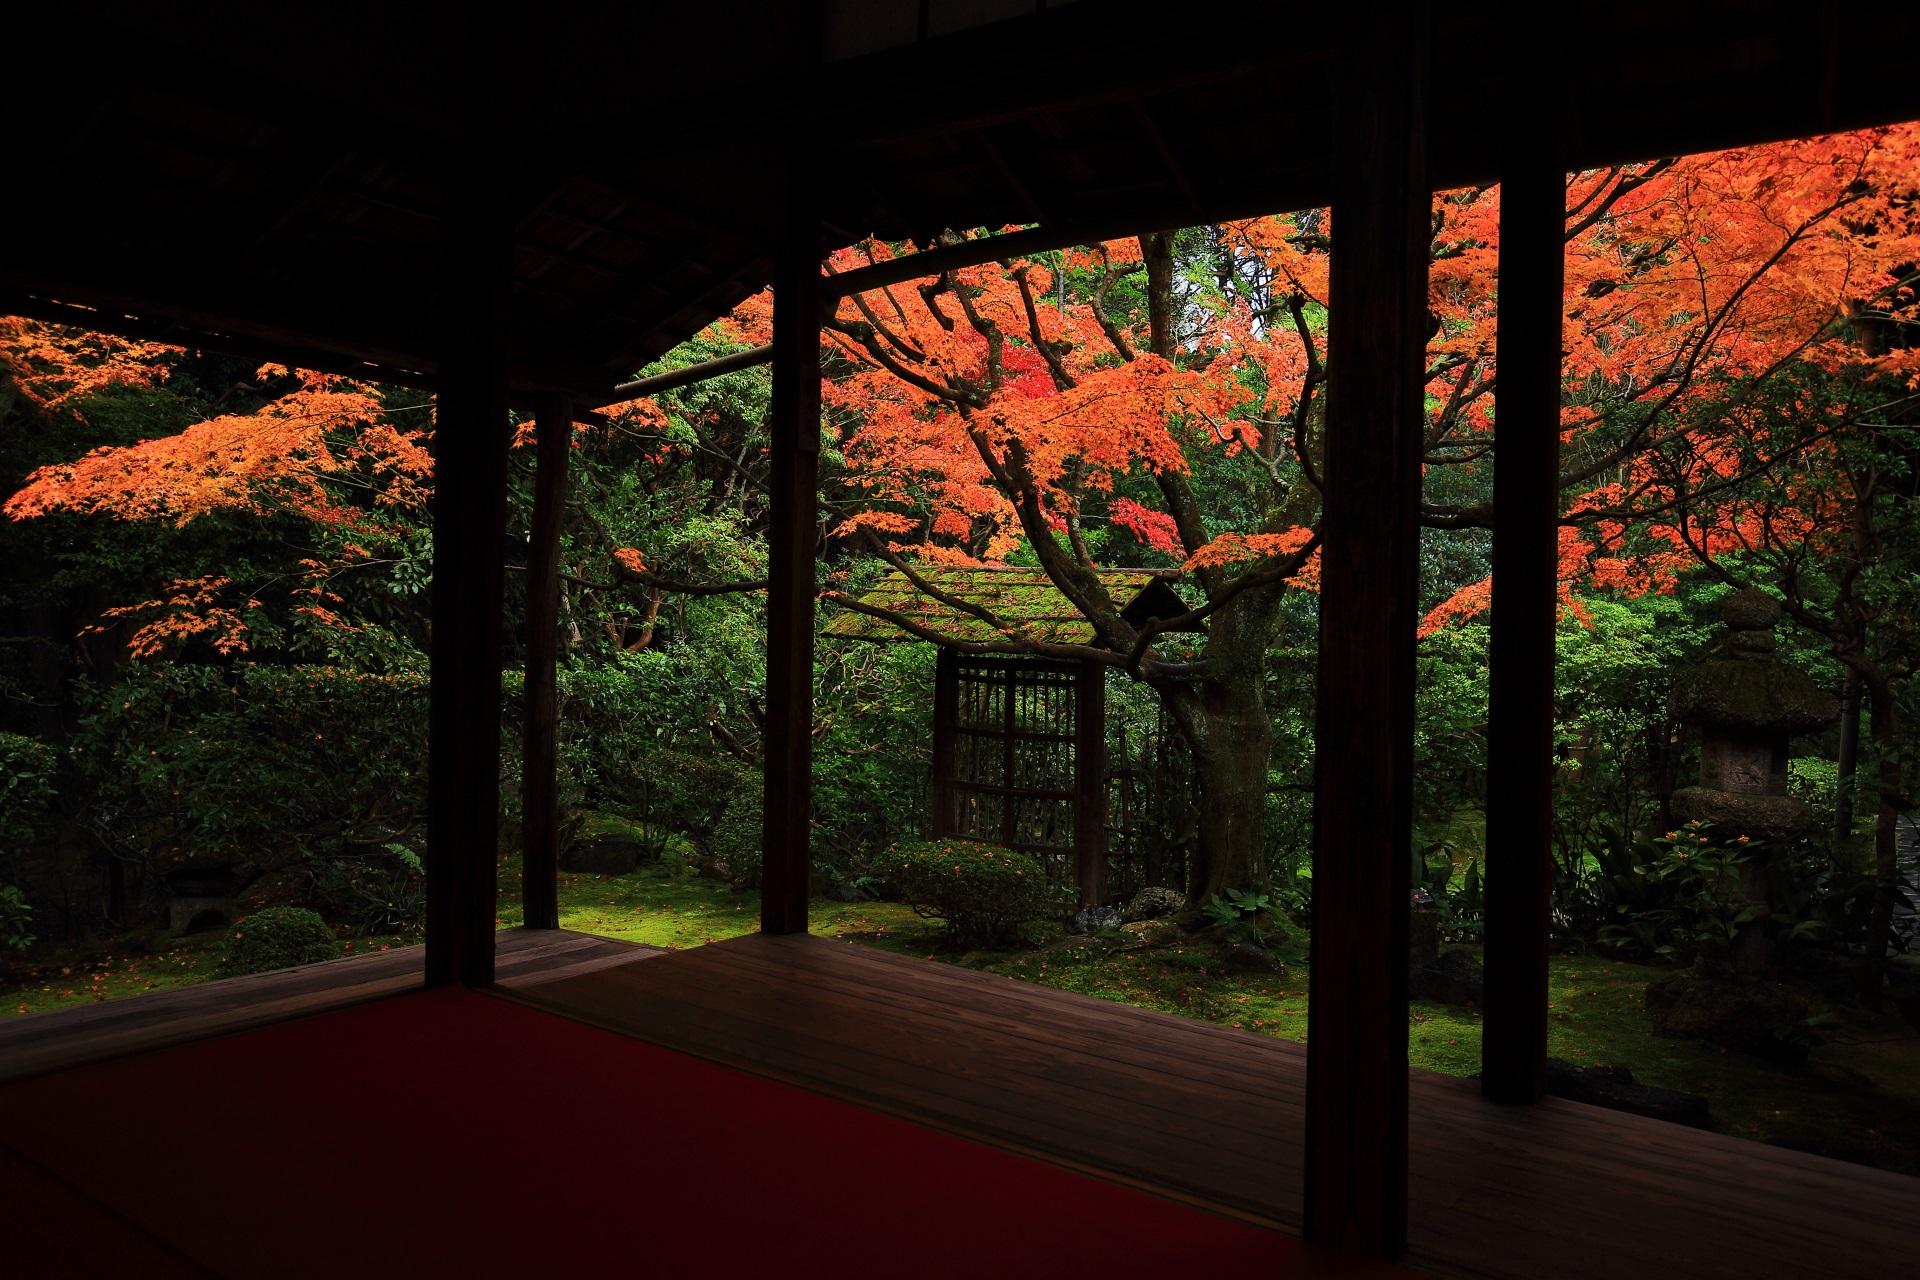 書院の柱越しに眺める侘びの庭の額縁の紅葉